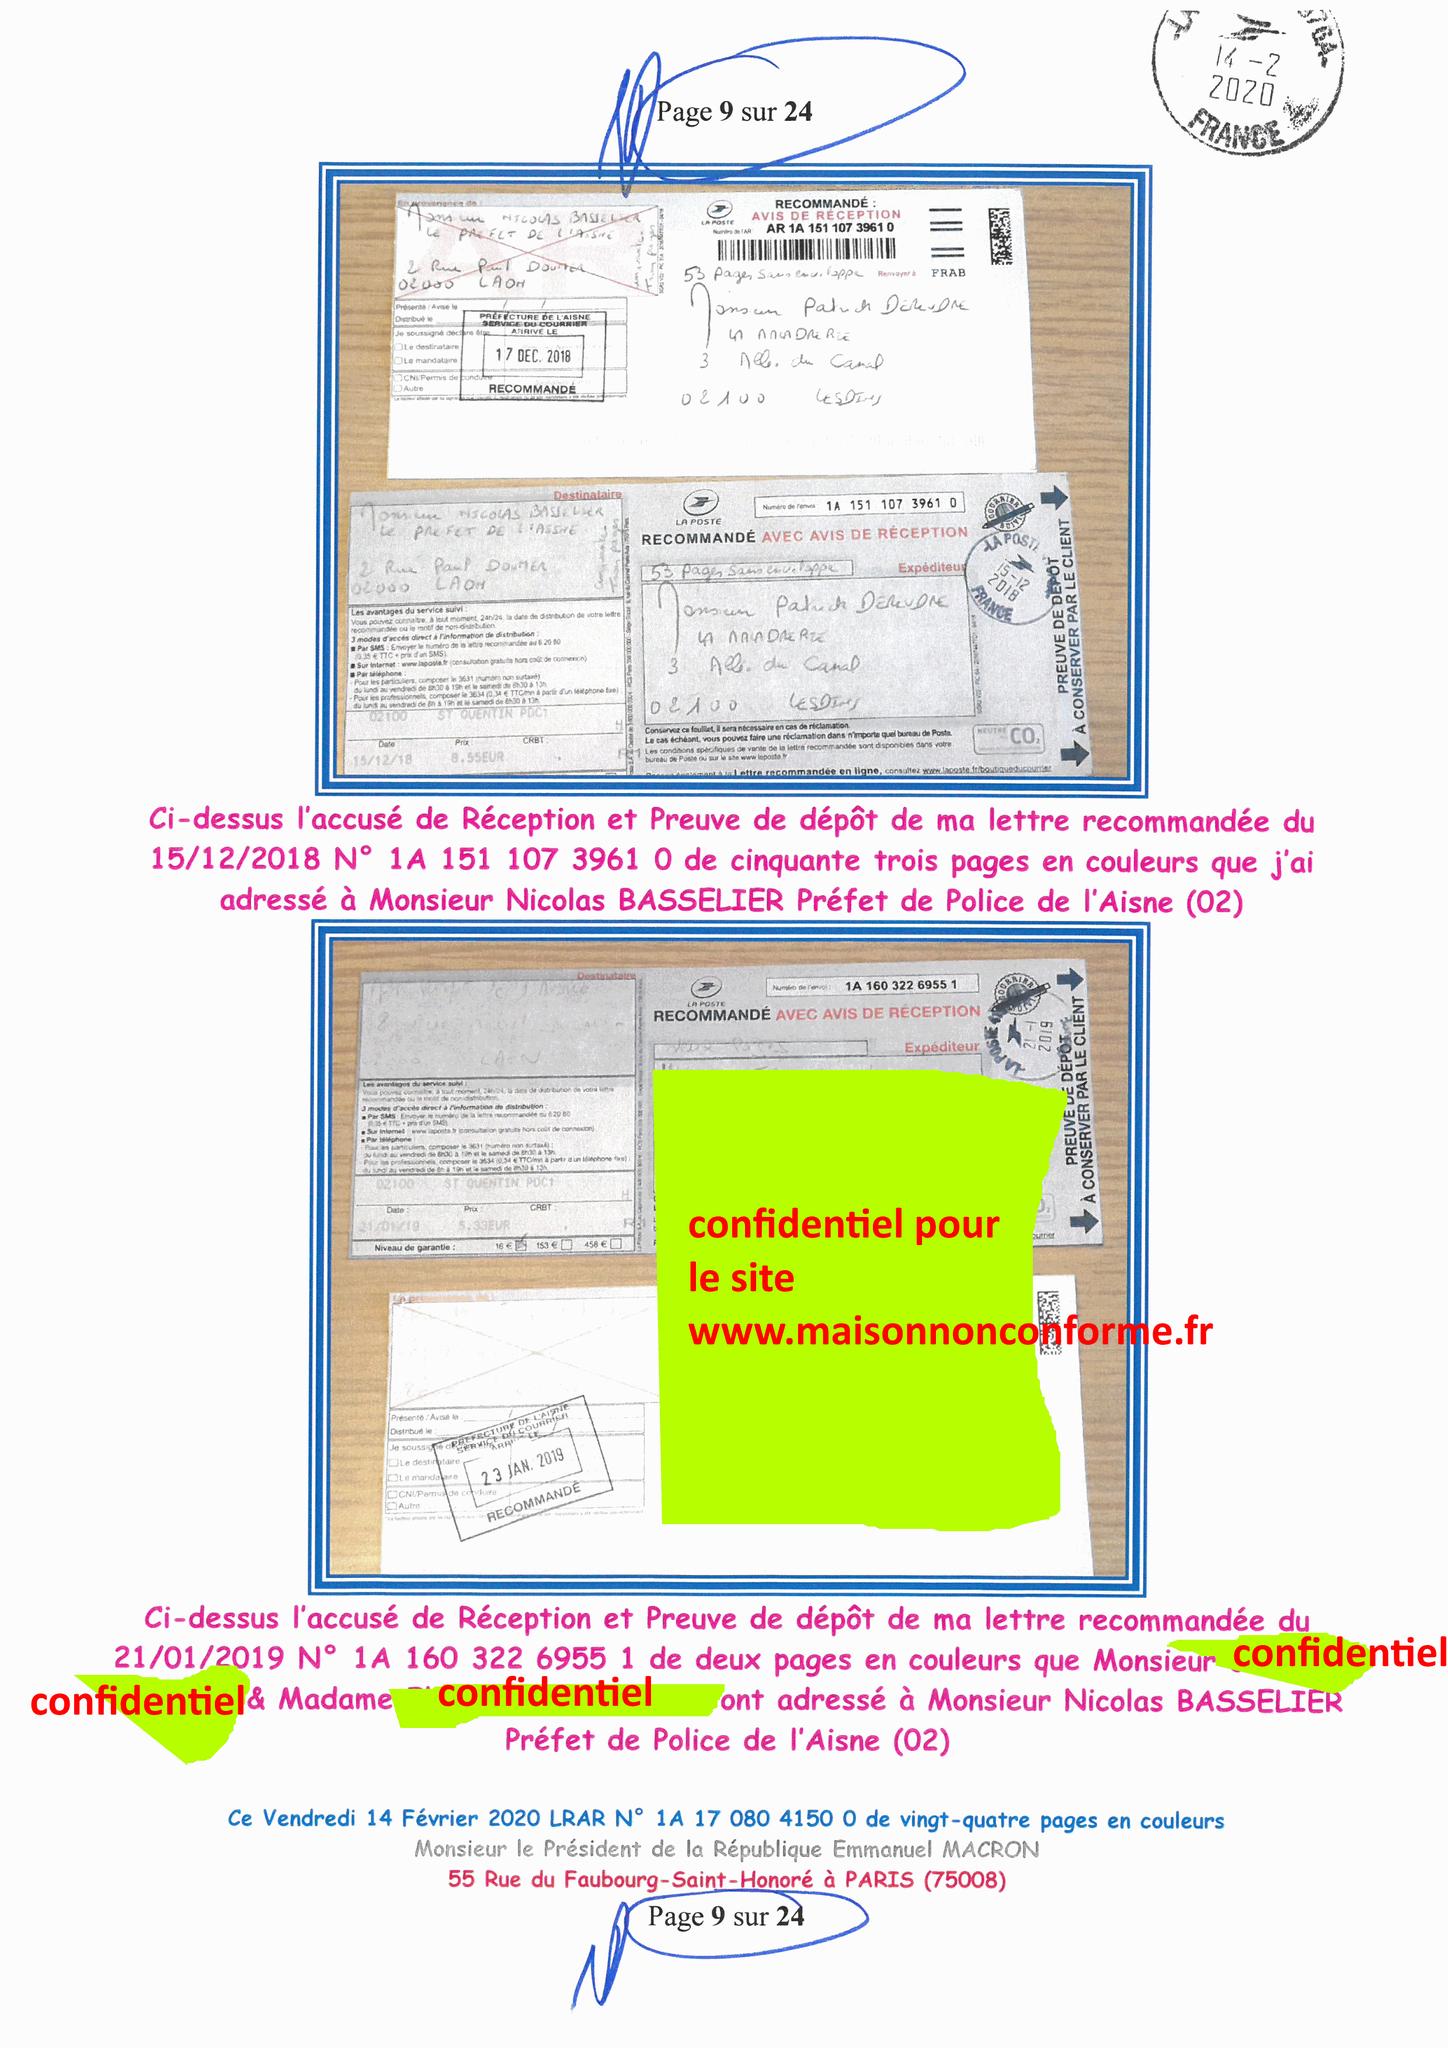 Ma lettre recommandée du 14 Février 2020 N° 1A 178 082 4150 0  page 9 sur 24 en couleur que j'ai adressé à Monsieur Emmanuel MACRON le Président de la République www.jesuispatrick.fr www.jesuisvictime.fr www.alerte-rouge-france.fr